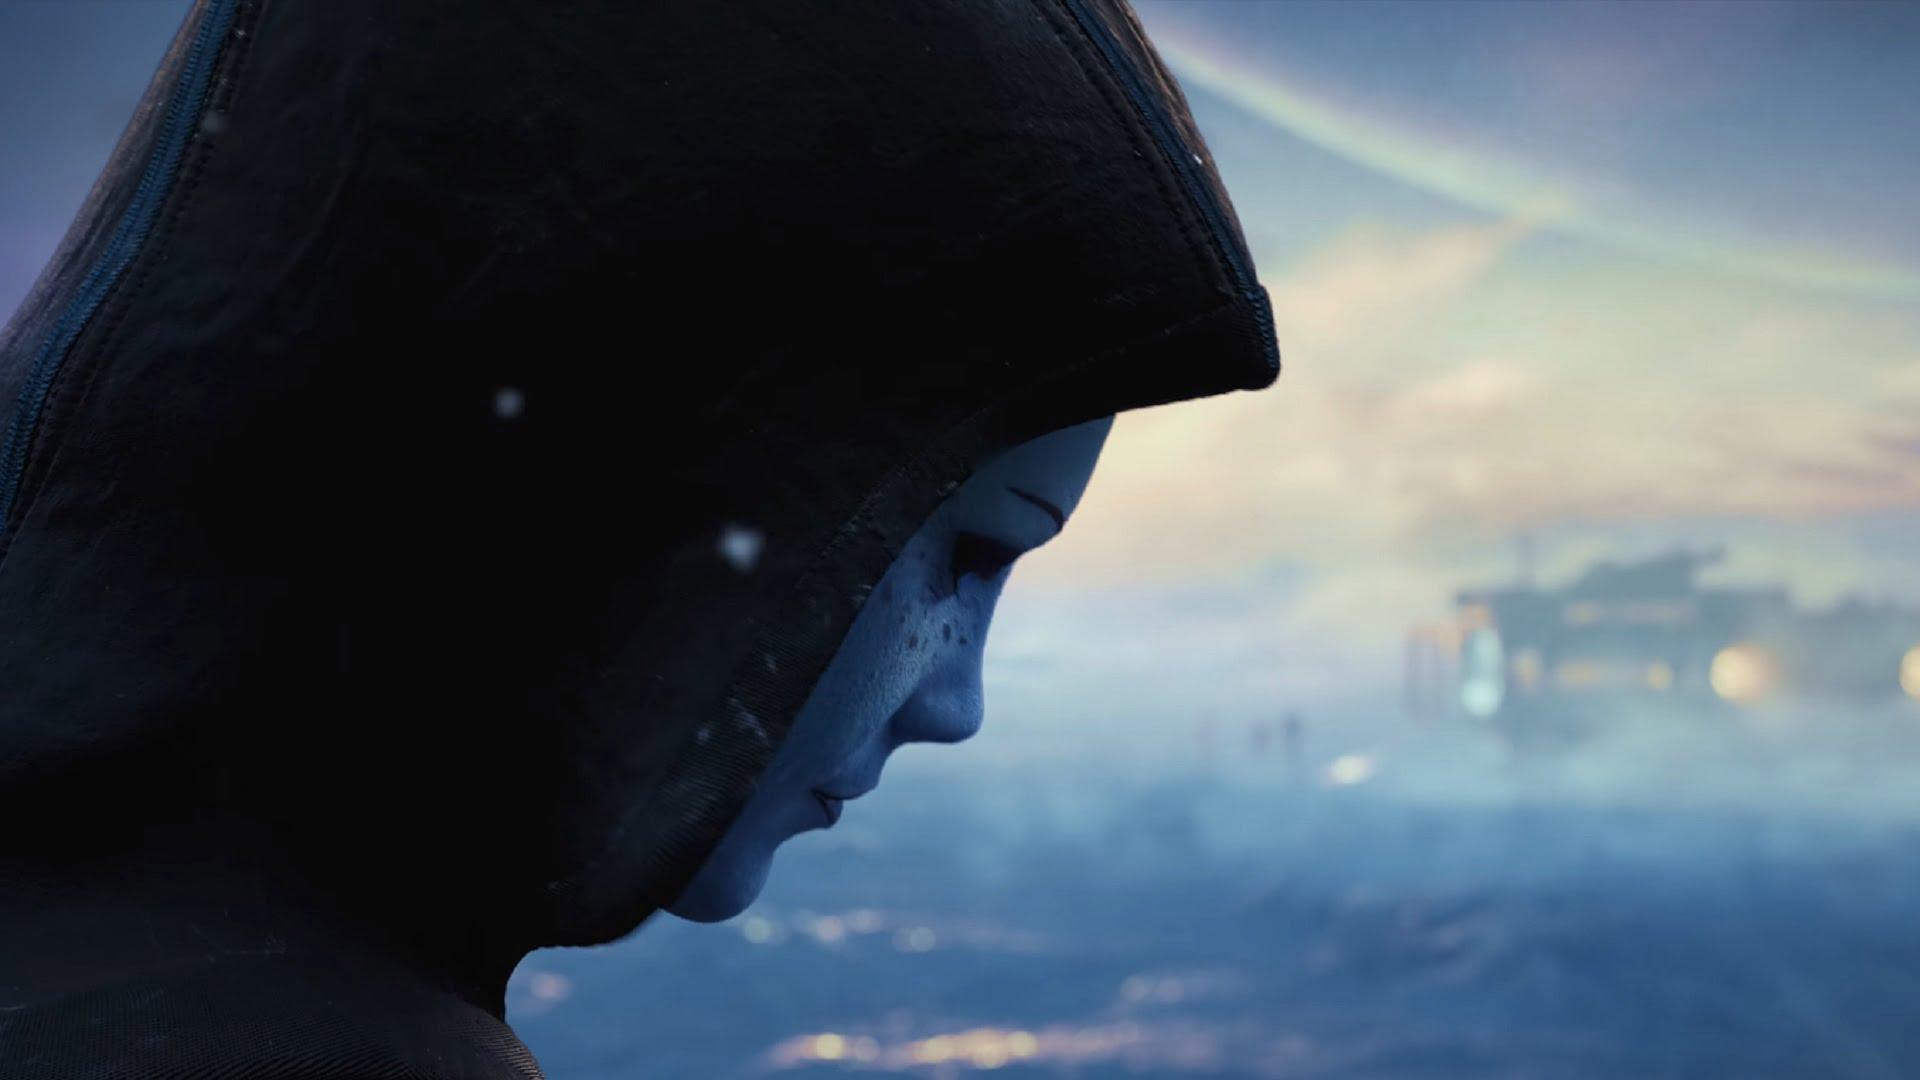 ۱۵ ویژگی که دوست داریم در بازی Mass Effect 4 ببینیم